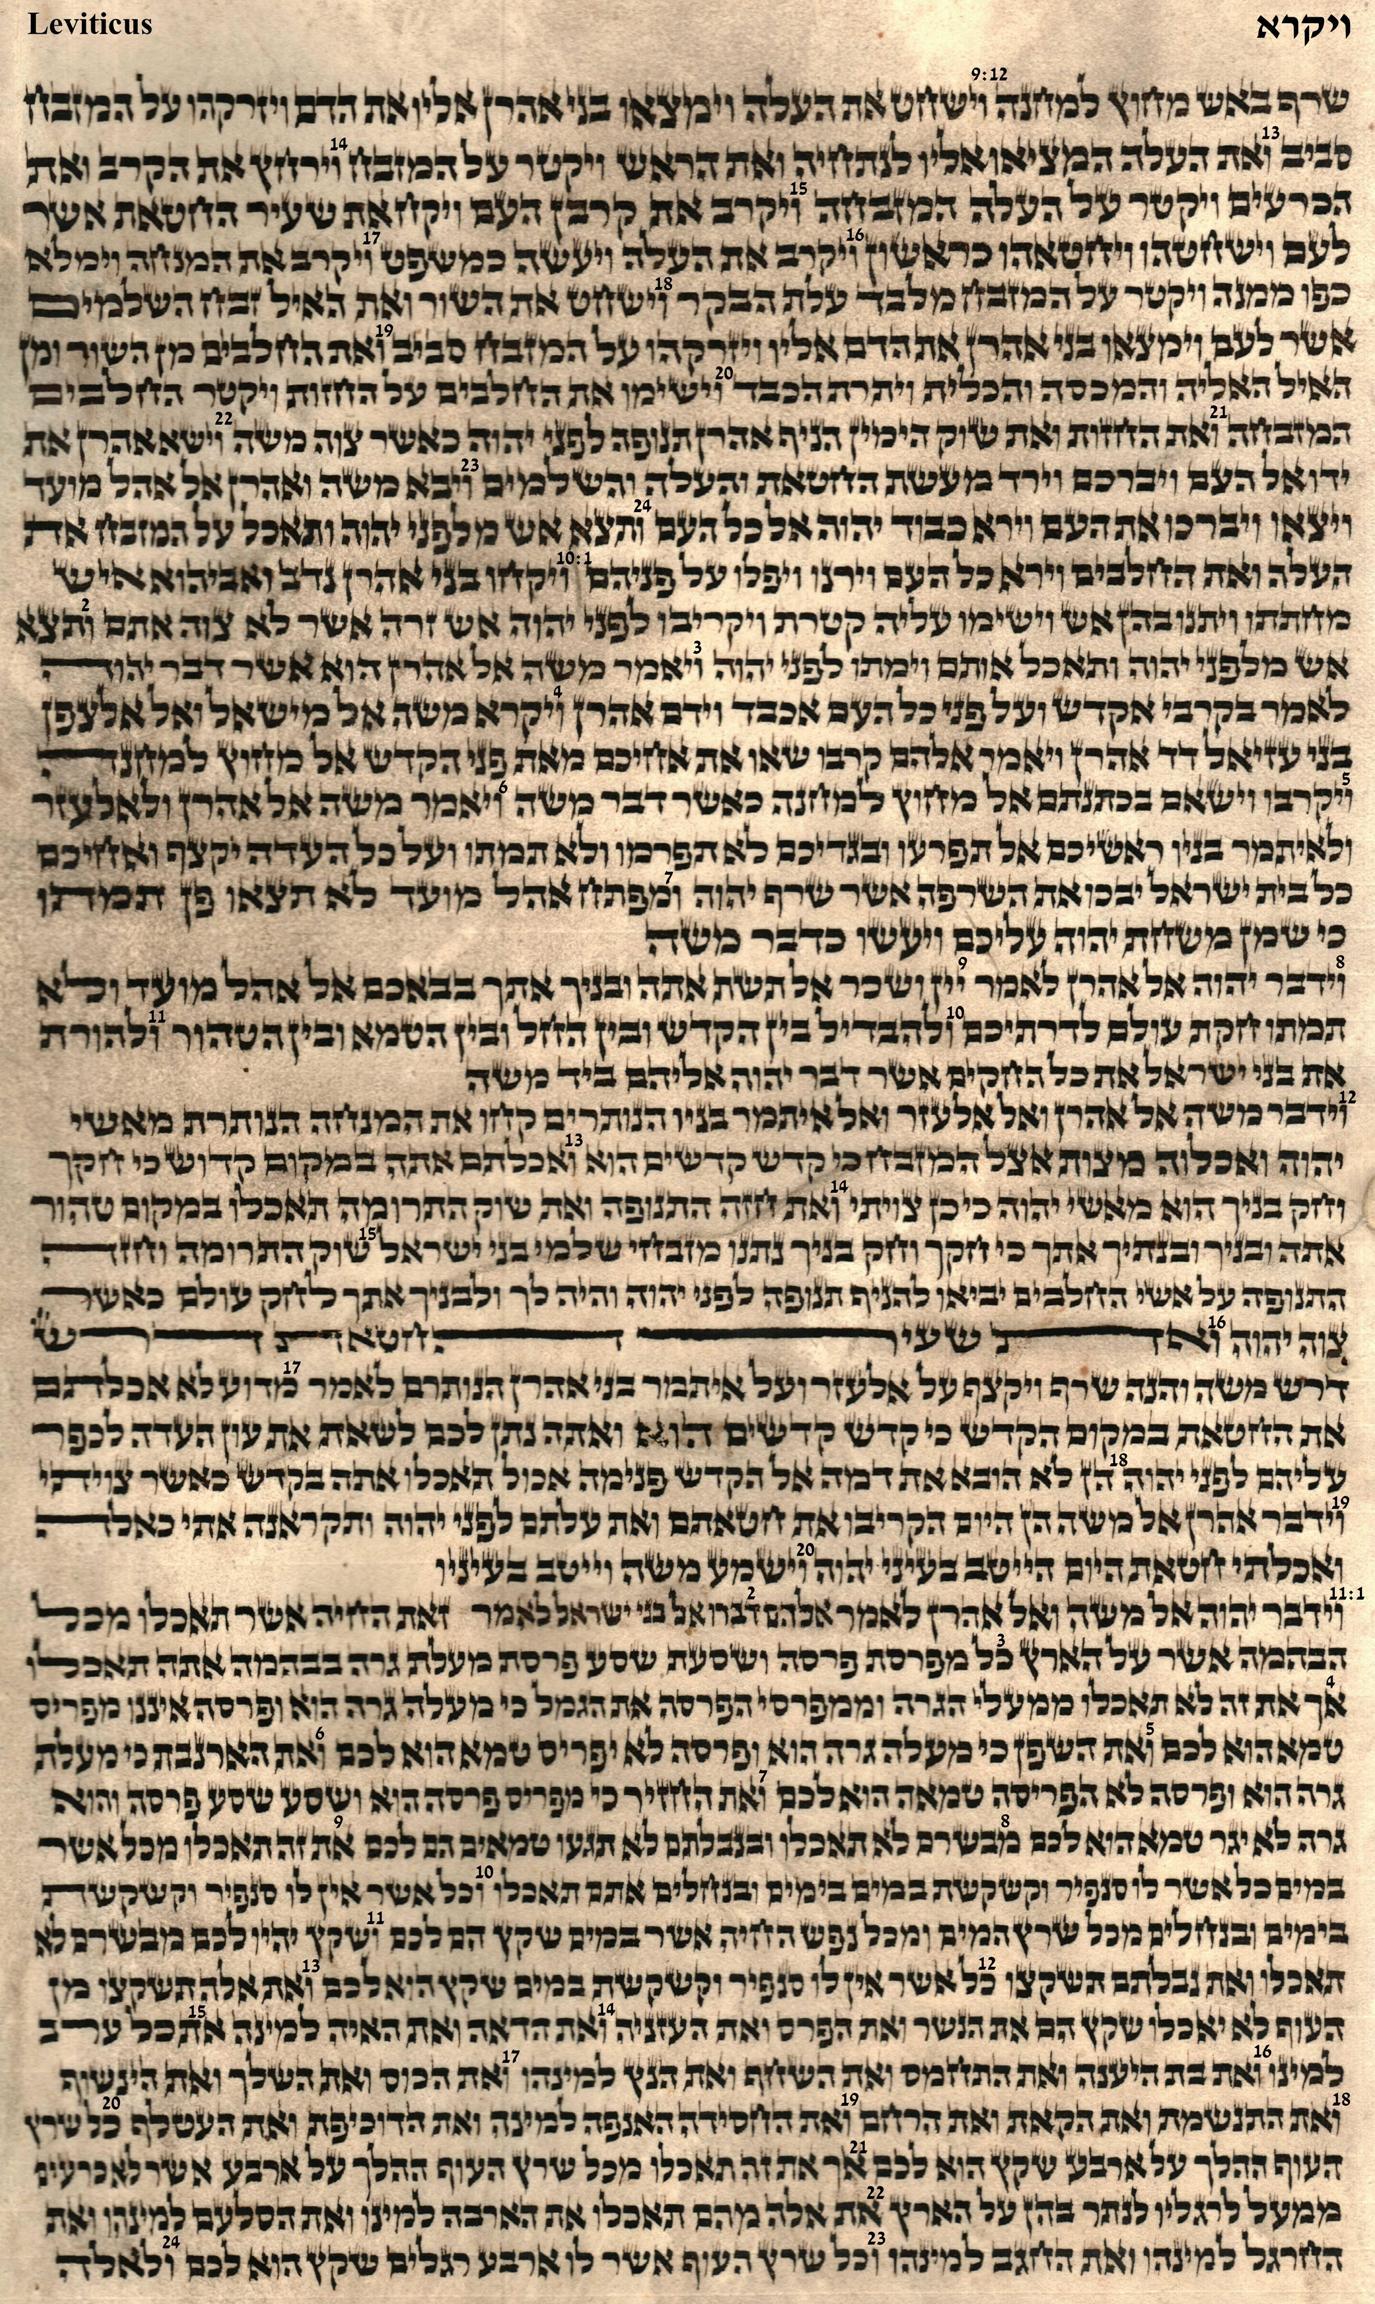 Leviticus 9.12 - 11.24